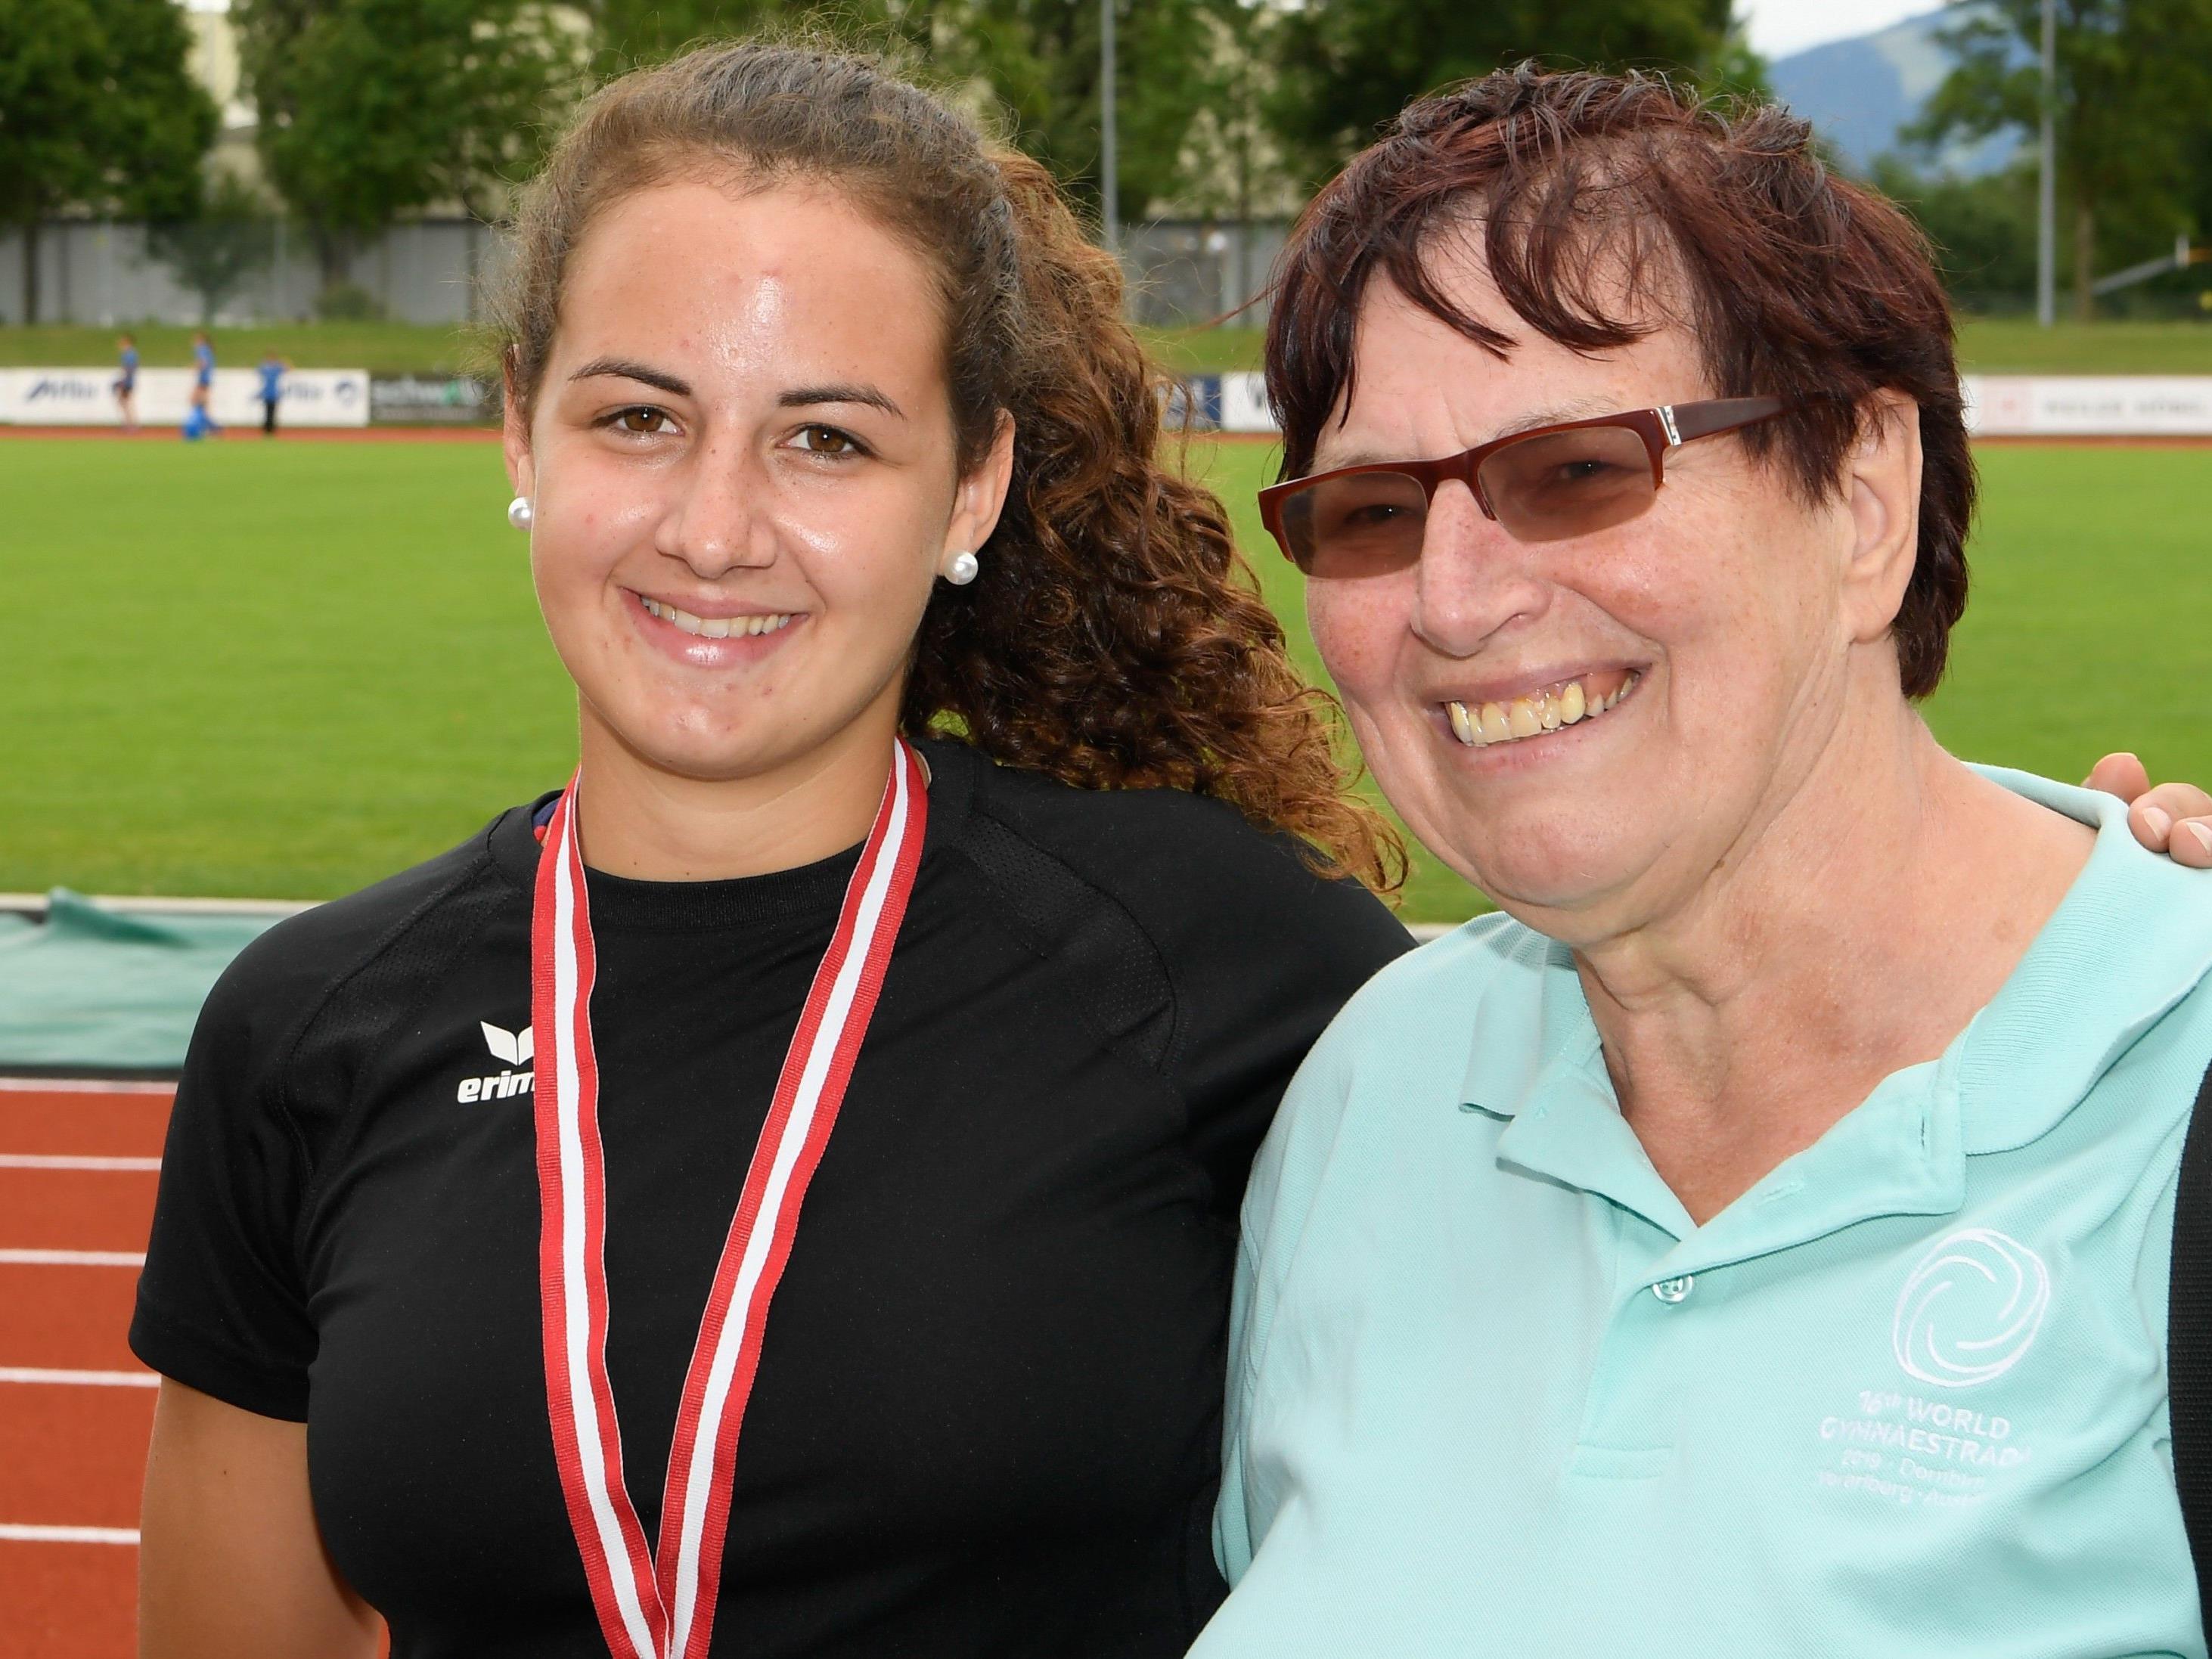 Reini Frick von der TS Dornbirn freute sich mit Belinda Pirker über gleich zwei Goldmedaillen.